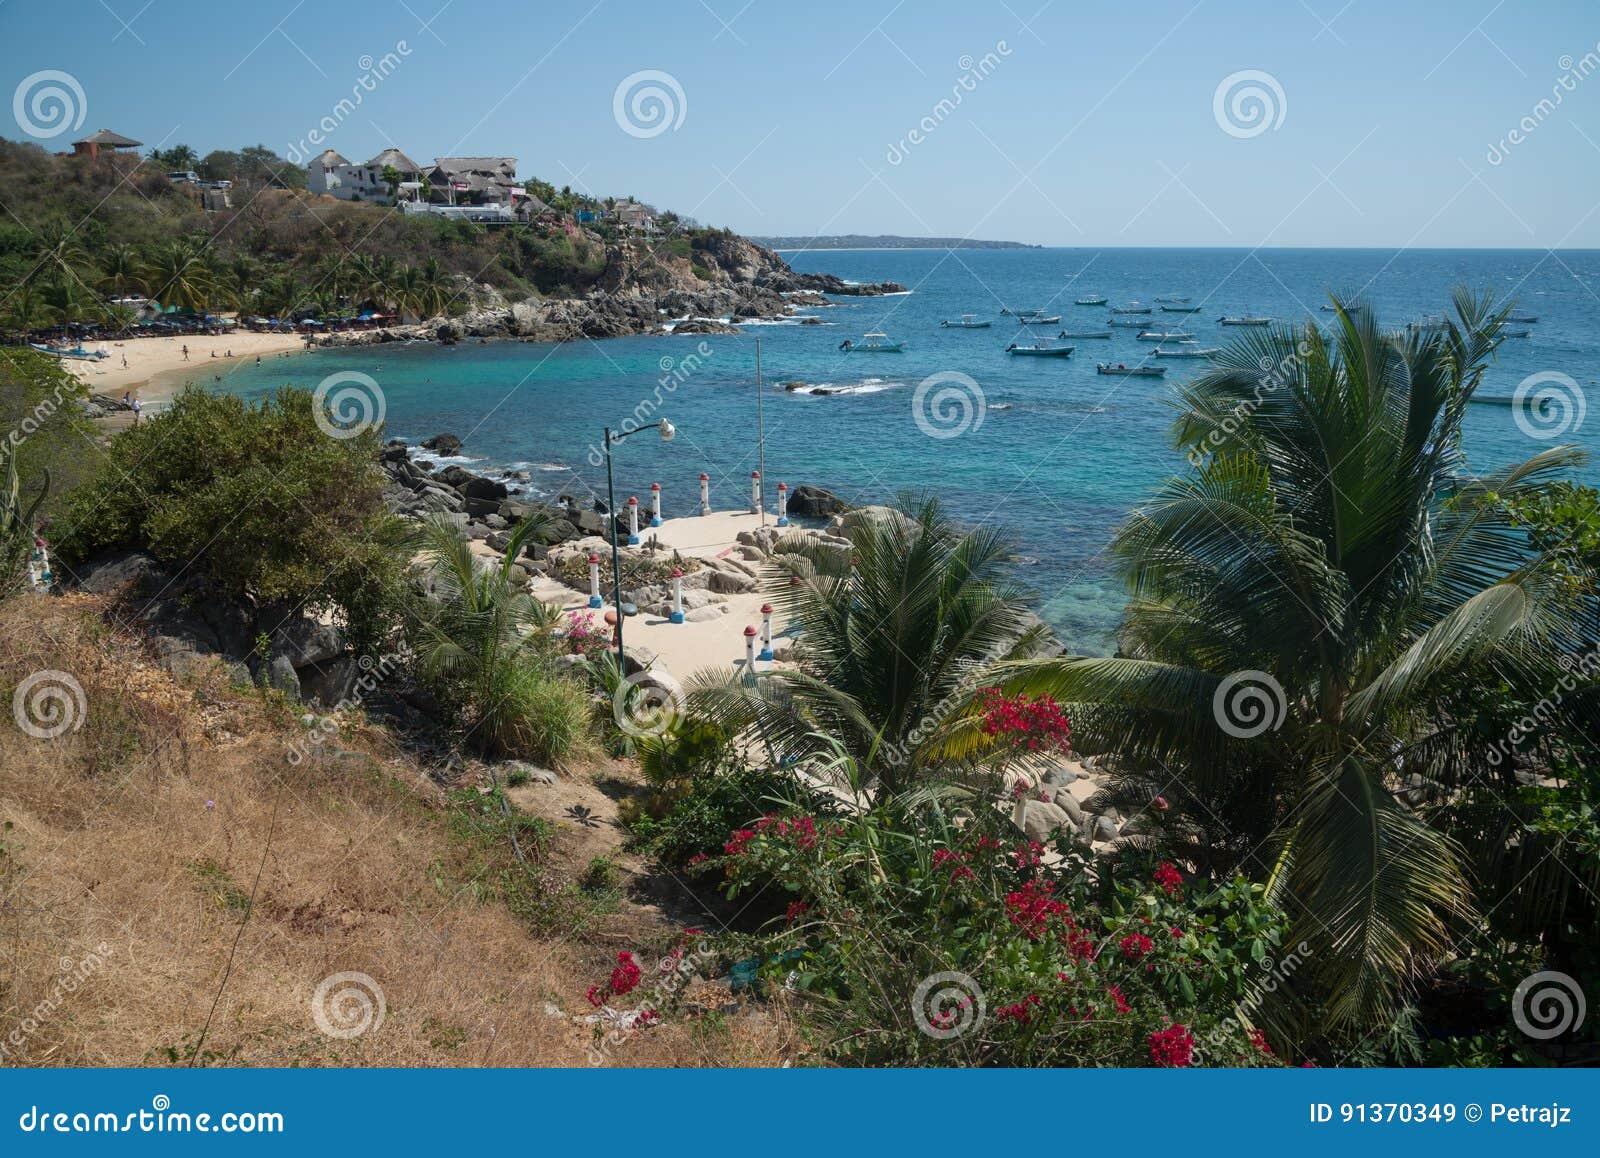 Playa Manzanillo, Oaxaca, Mexico